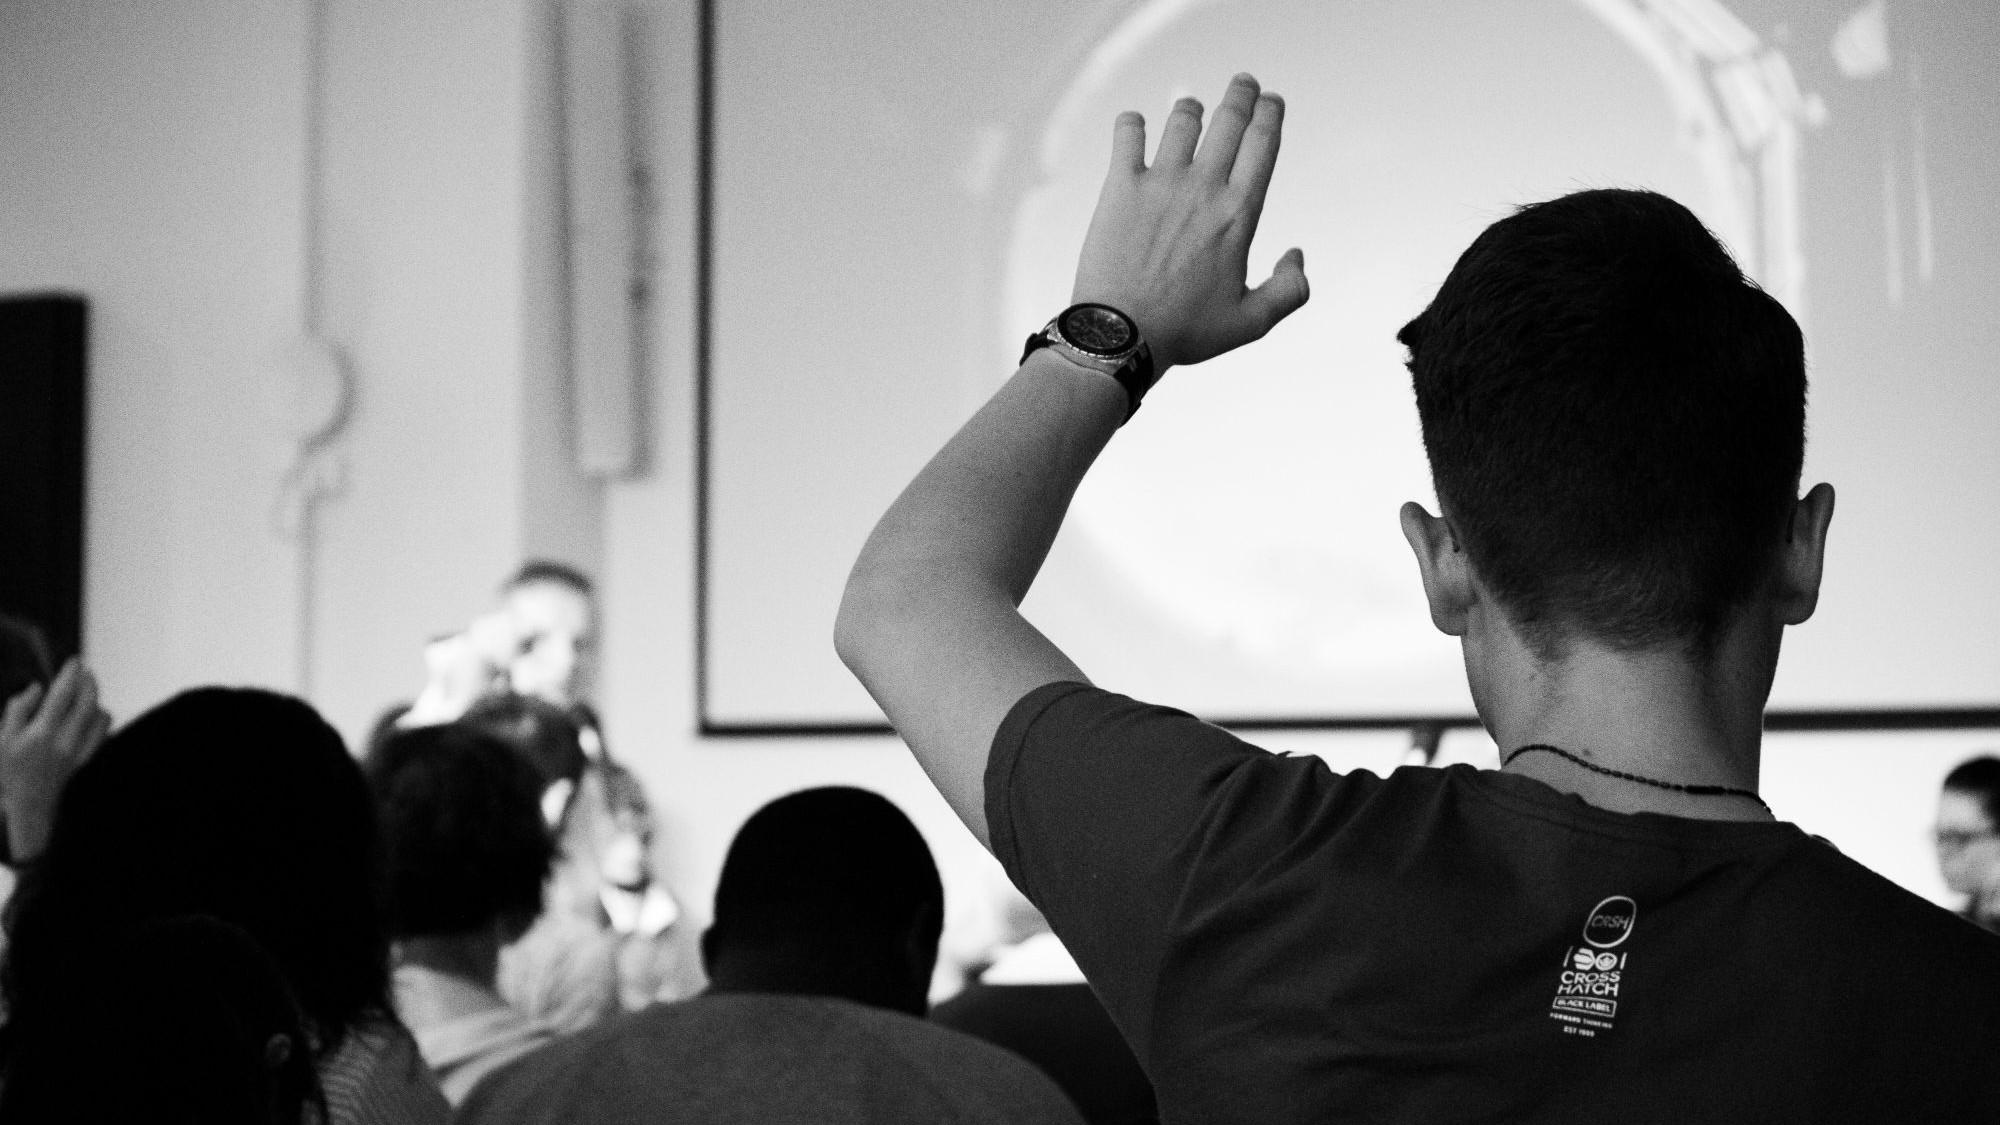 Représentation de la formation : Développer estime et confiance en soi